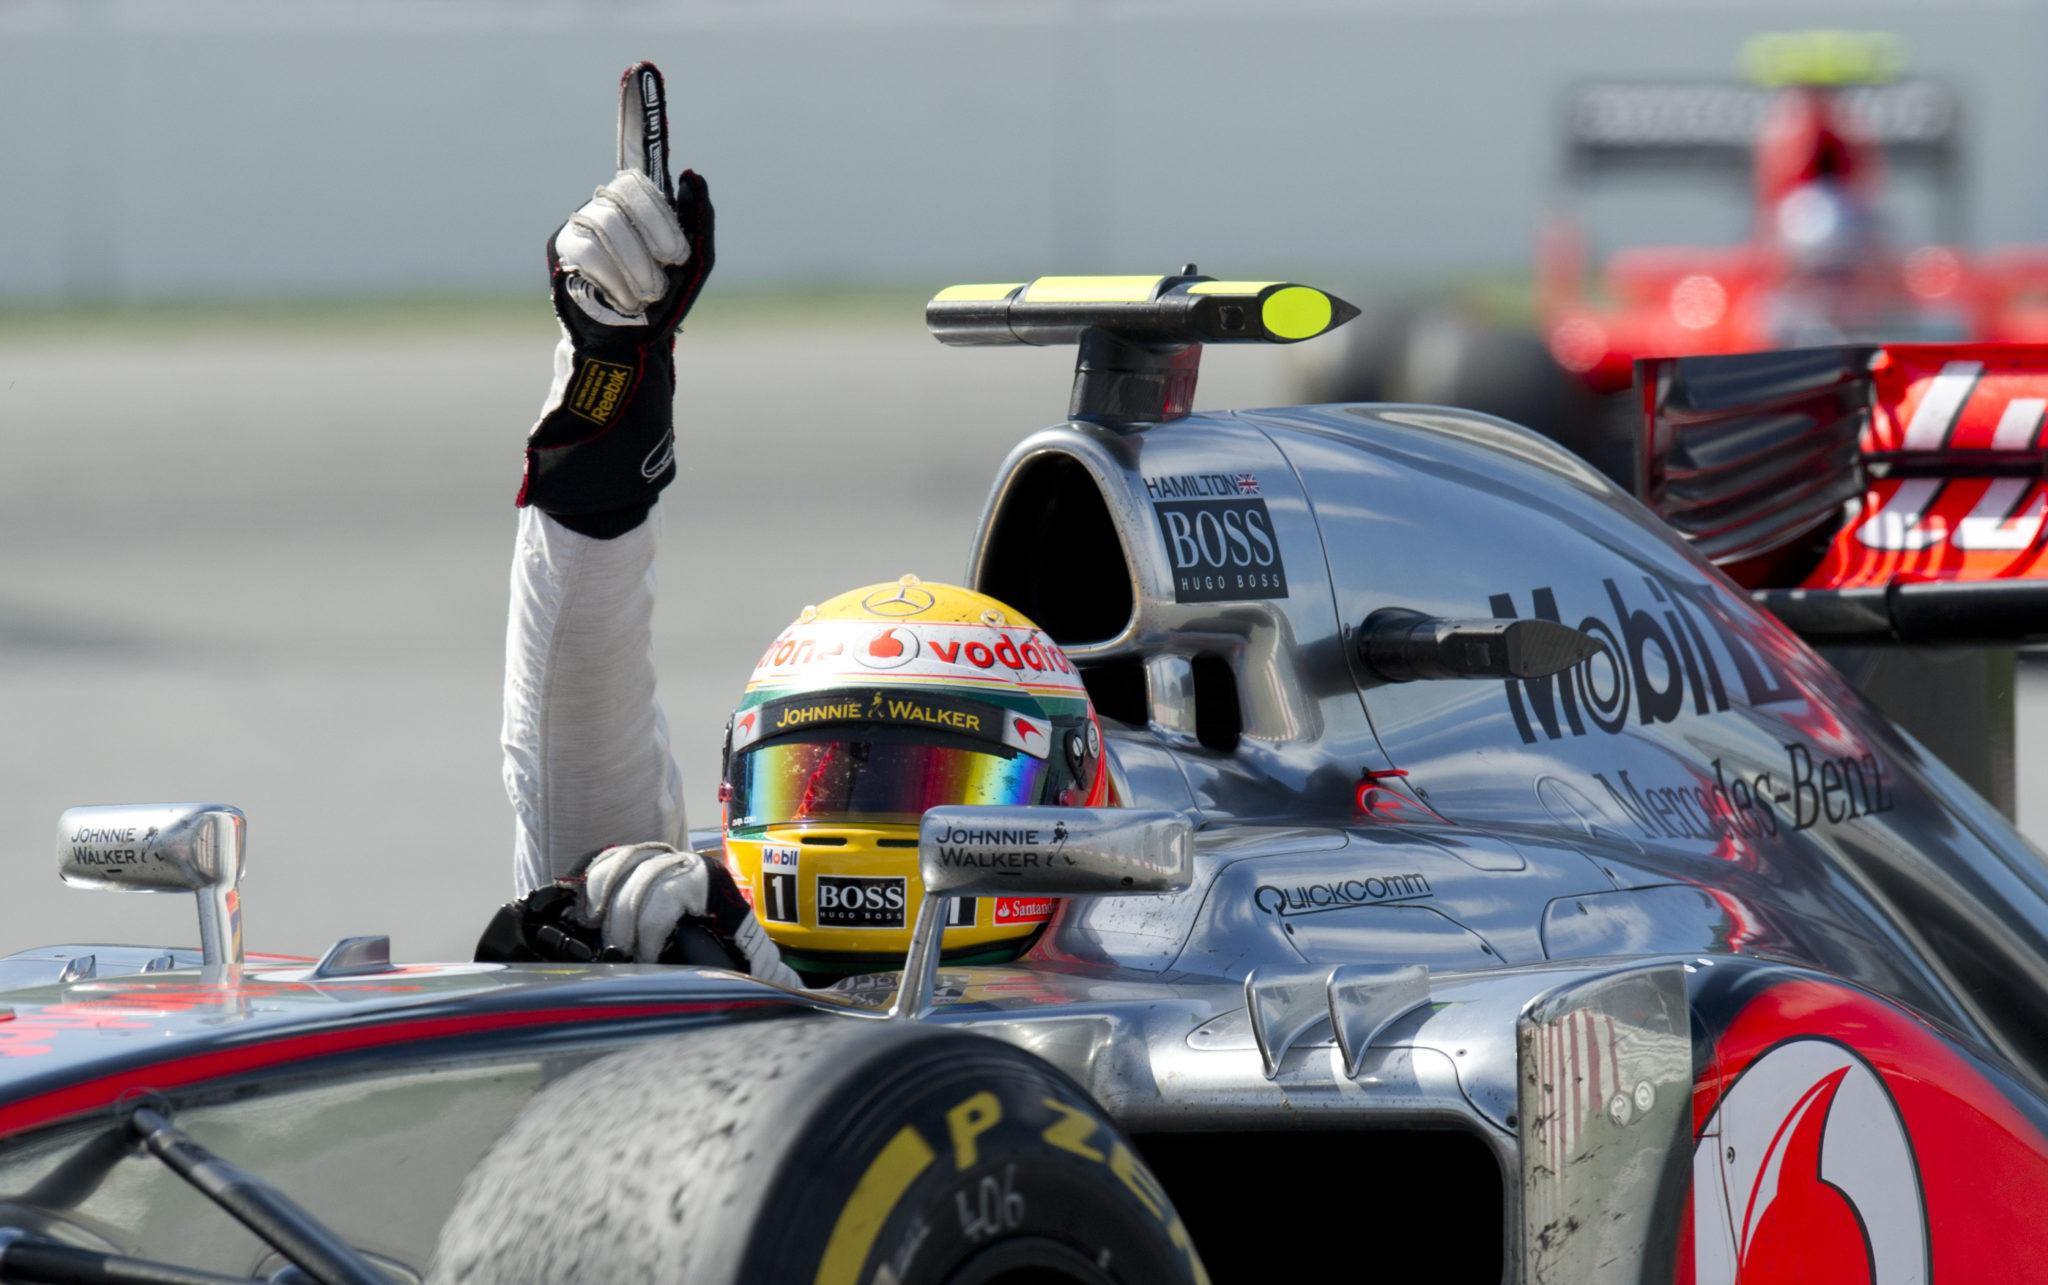 Lewis Hamilton pensa di avere la capacità per affrontare la nuova generazione di piloti in F1 - MBenz.it